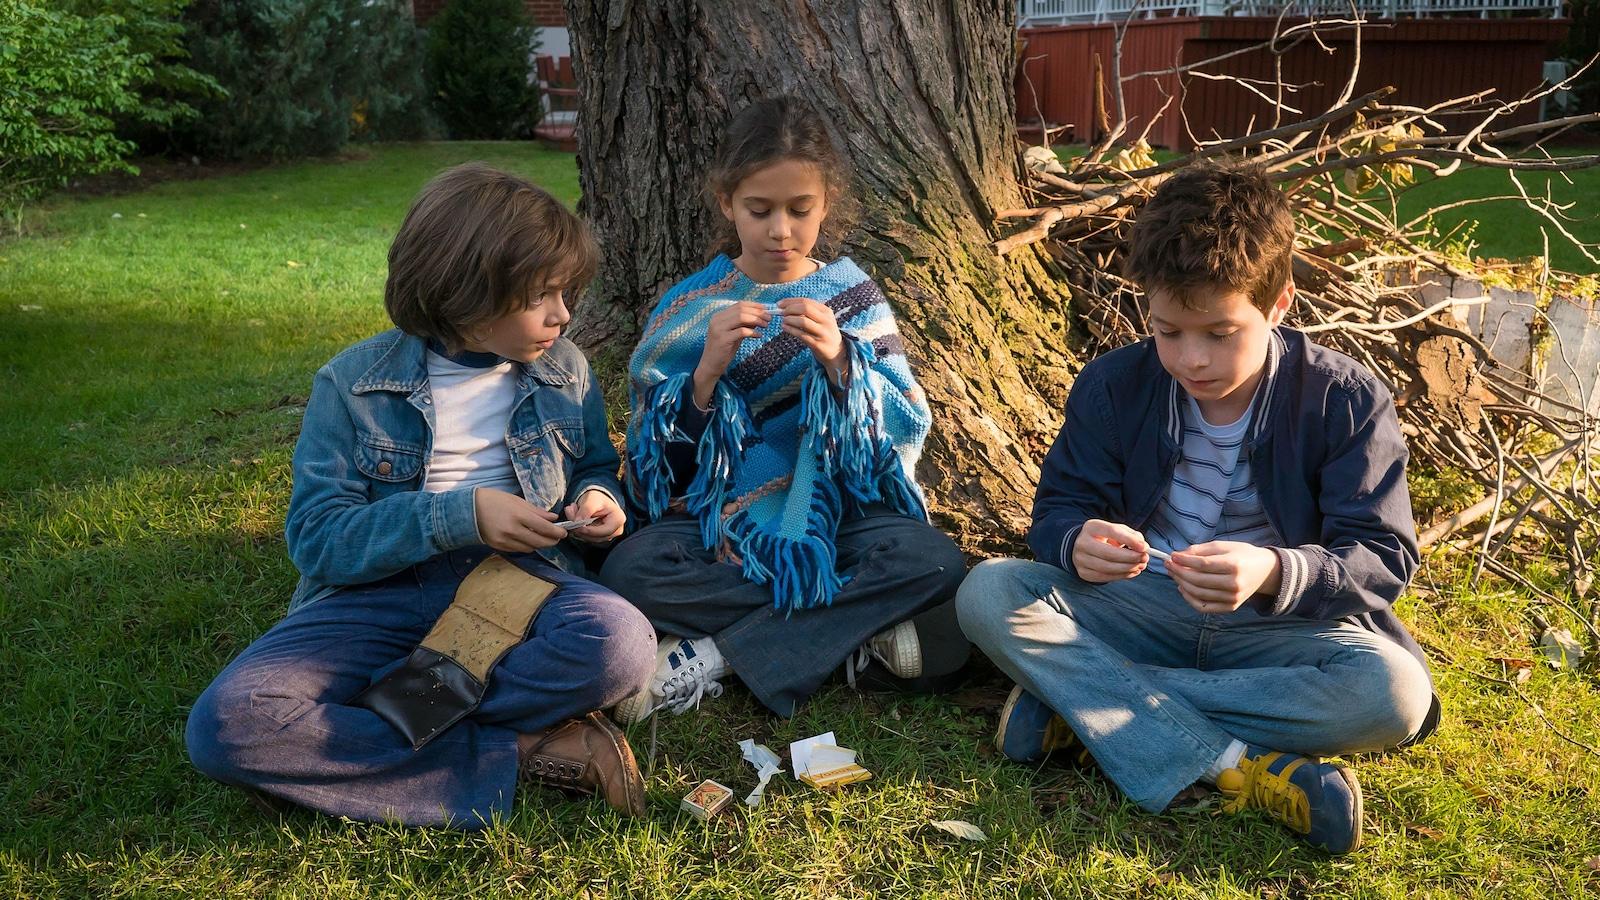 Trois enfants assis au pied d'un arbre.